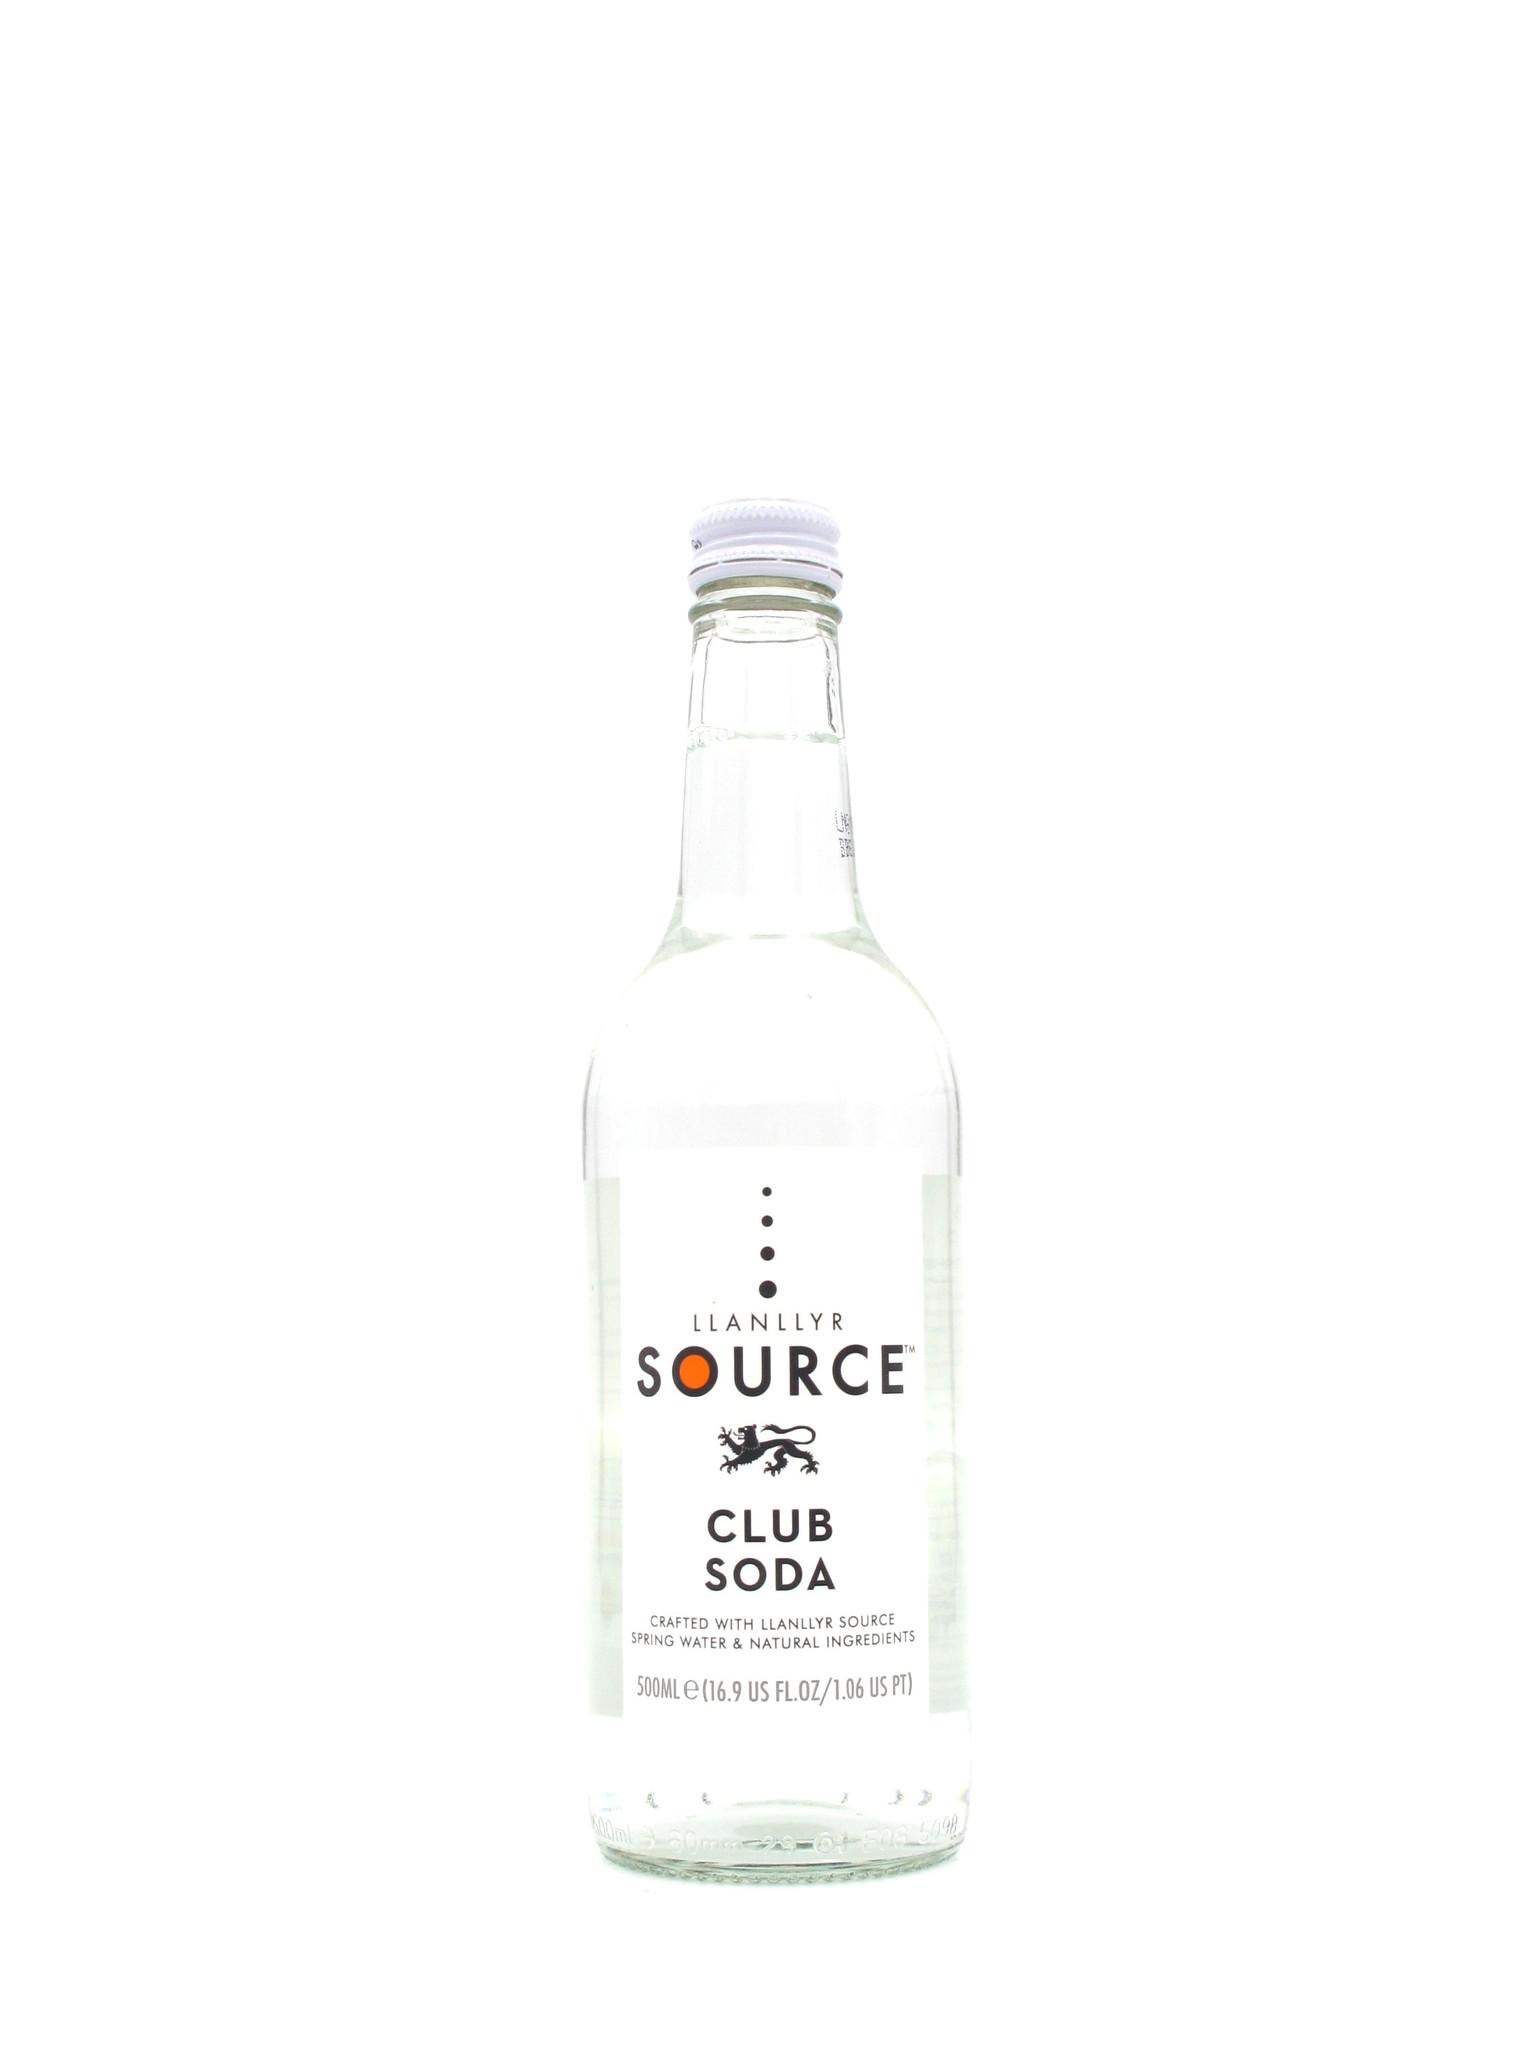 Llanllyr Llanllyr Source Club Soda 500mL